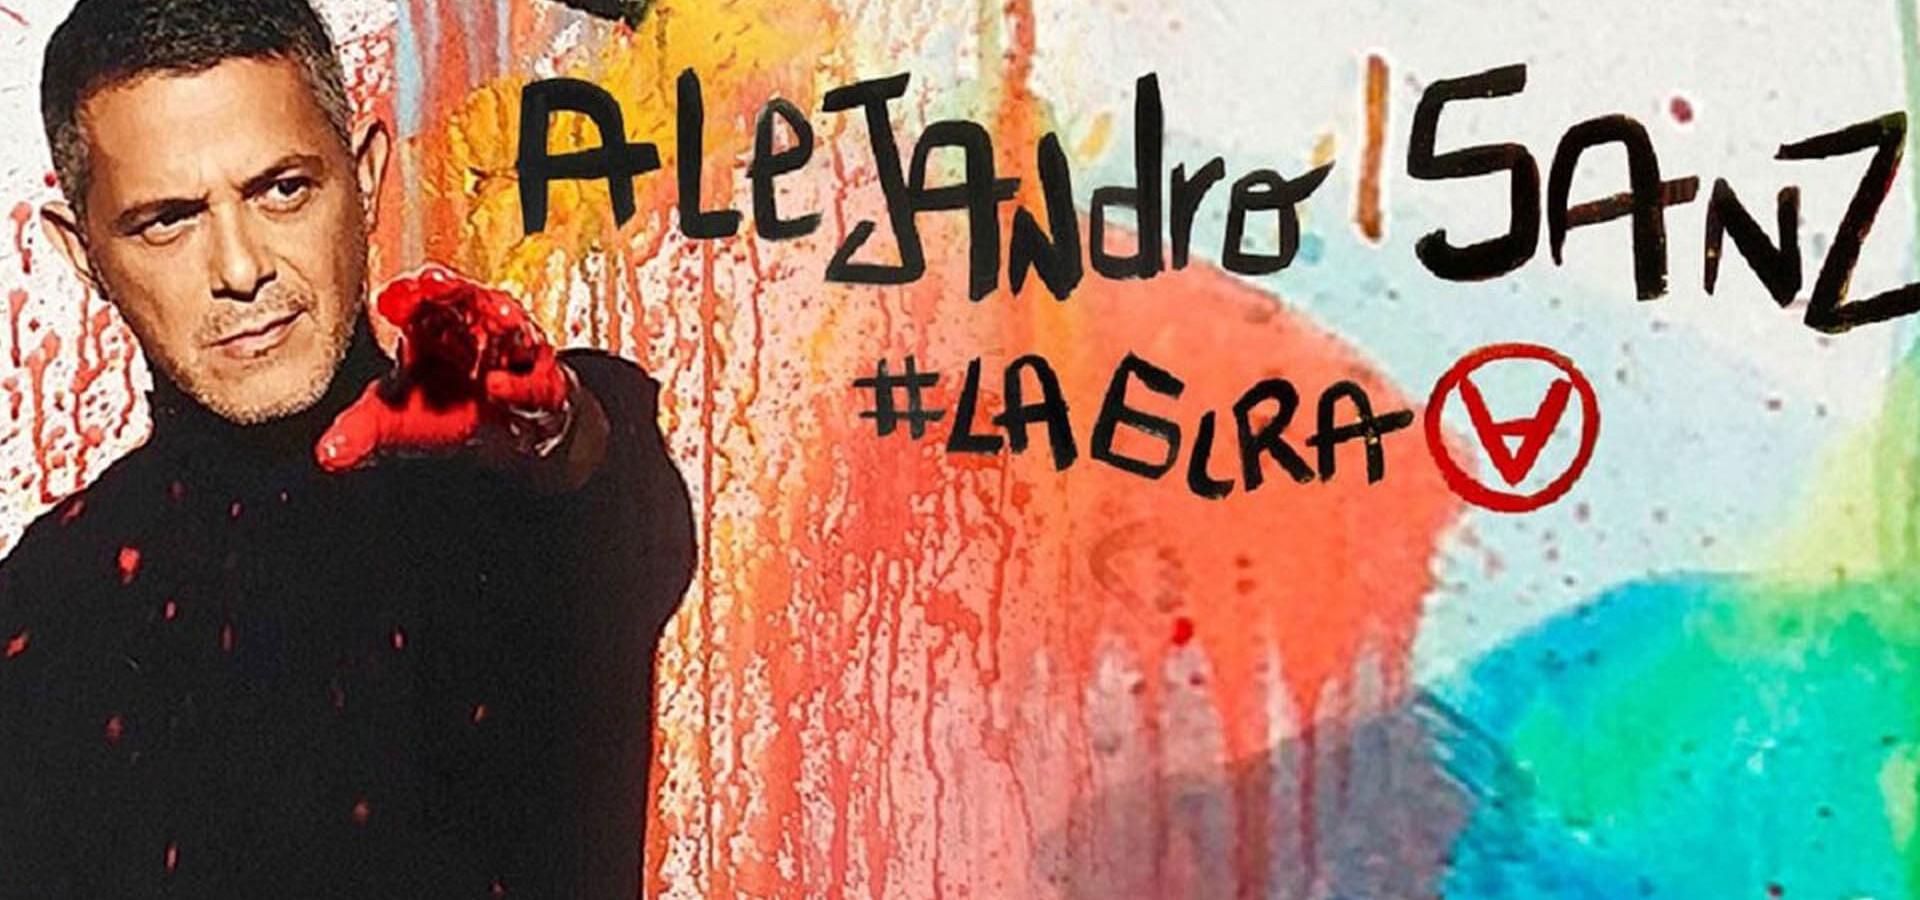 Alejandro Sanz: #Lagira de #eldisco